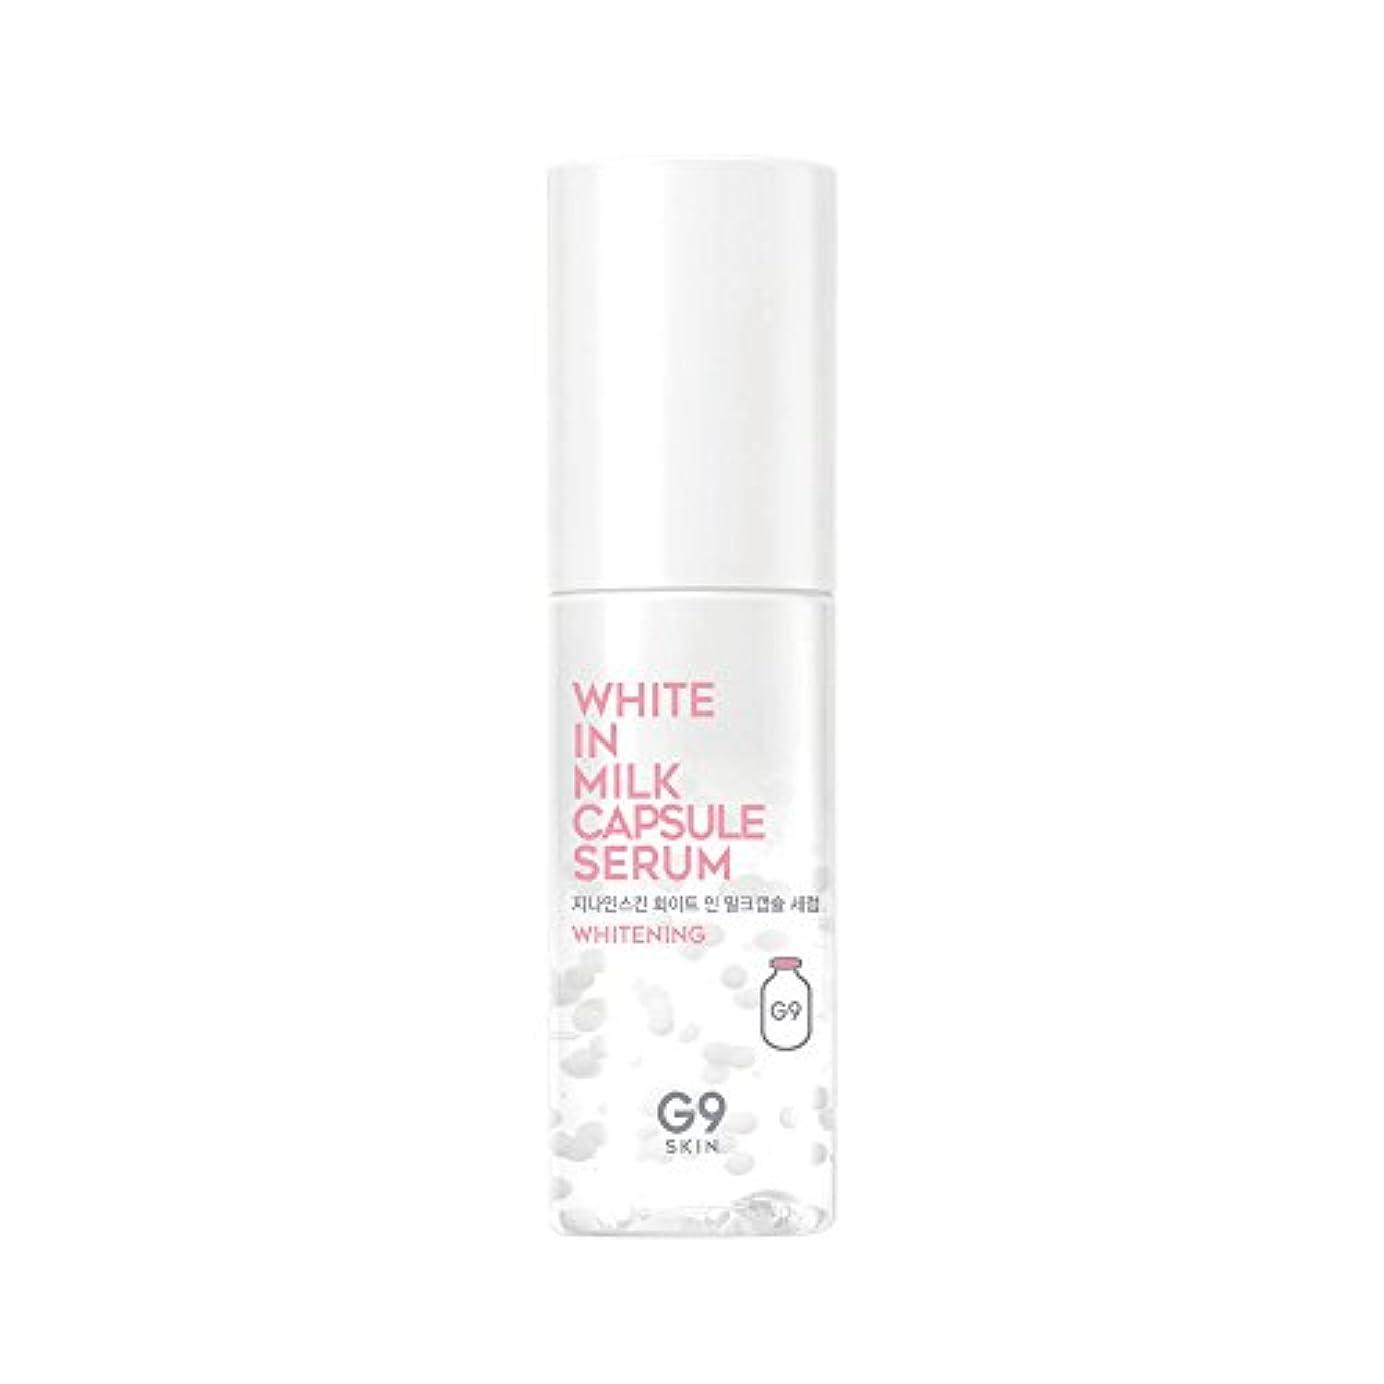 到着する付録散歩に行くG9SKIN(ベリサム) White In Milk Capsule Serum ホワイインミルクカプセルセラム 50ml